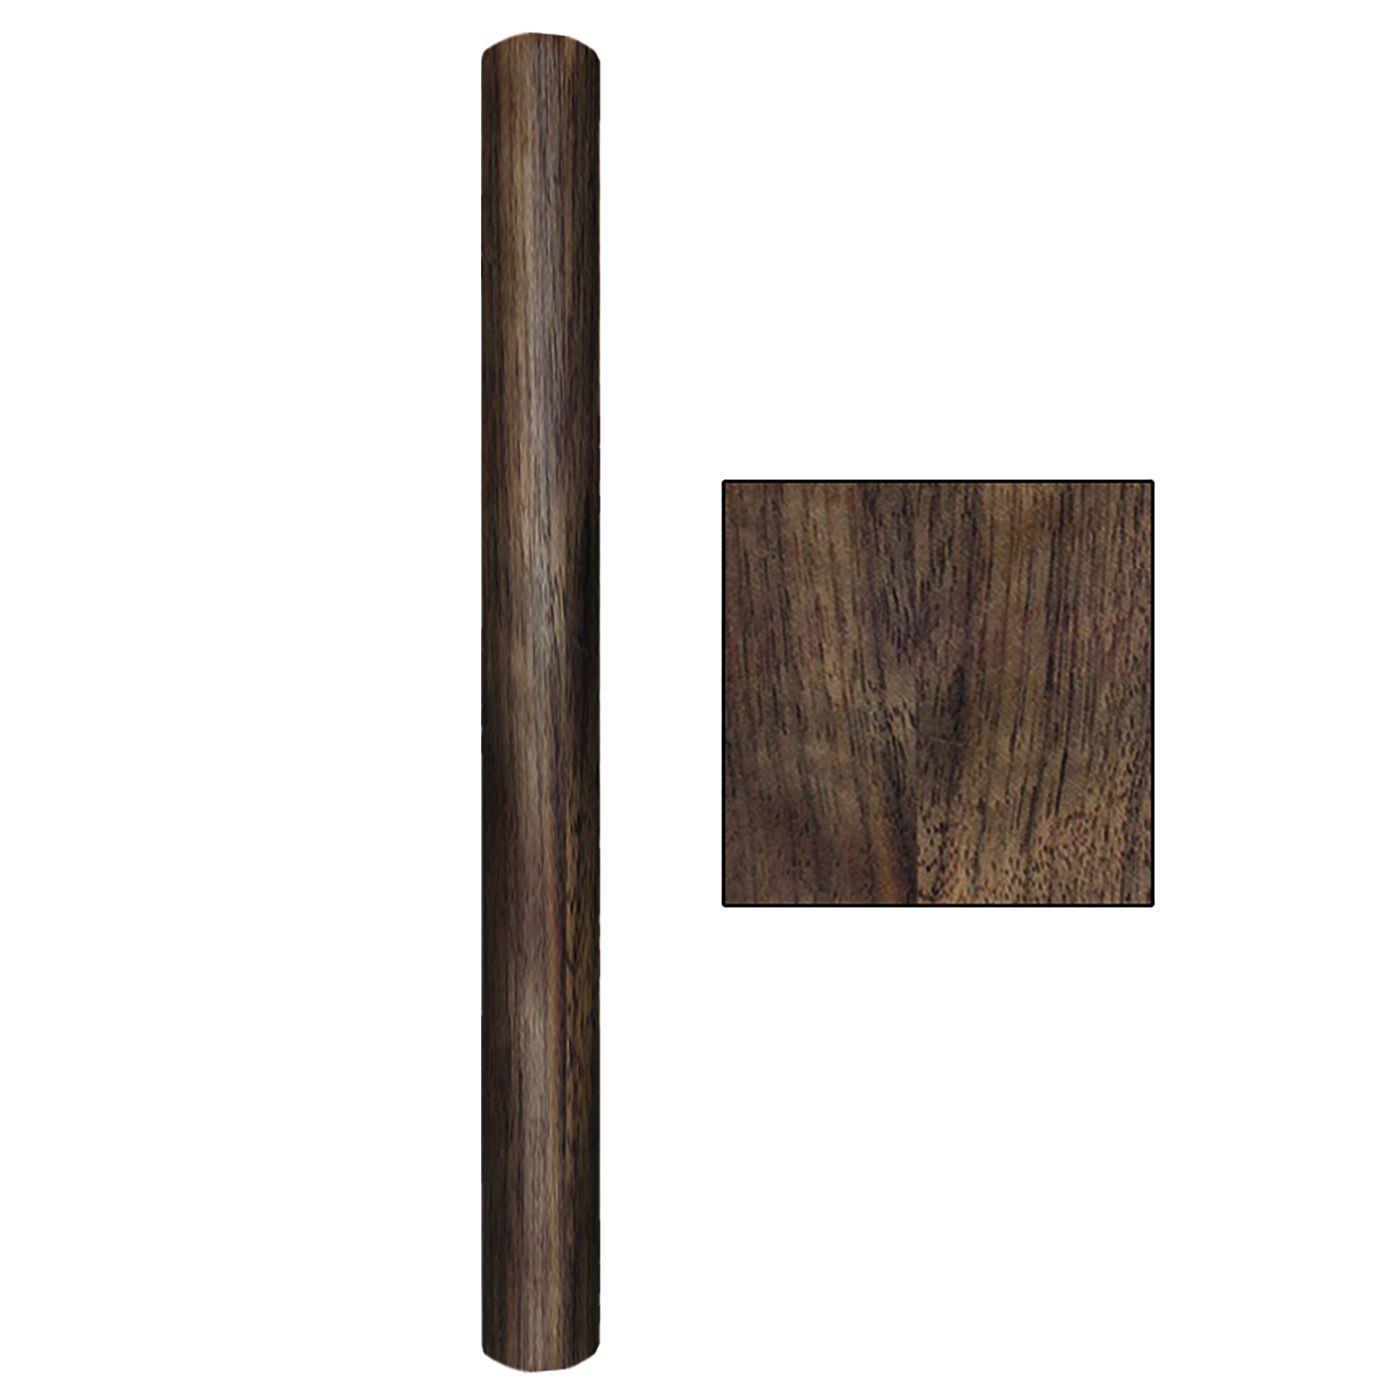 ΑΥΤΟΚΟΛΛΗΤΟ ΤΟΙΧΟΥ 1,5m x45cm  ΠΑΧΟΣ=0,08mm